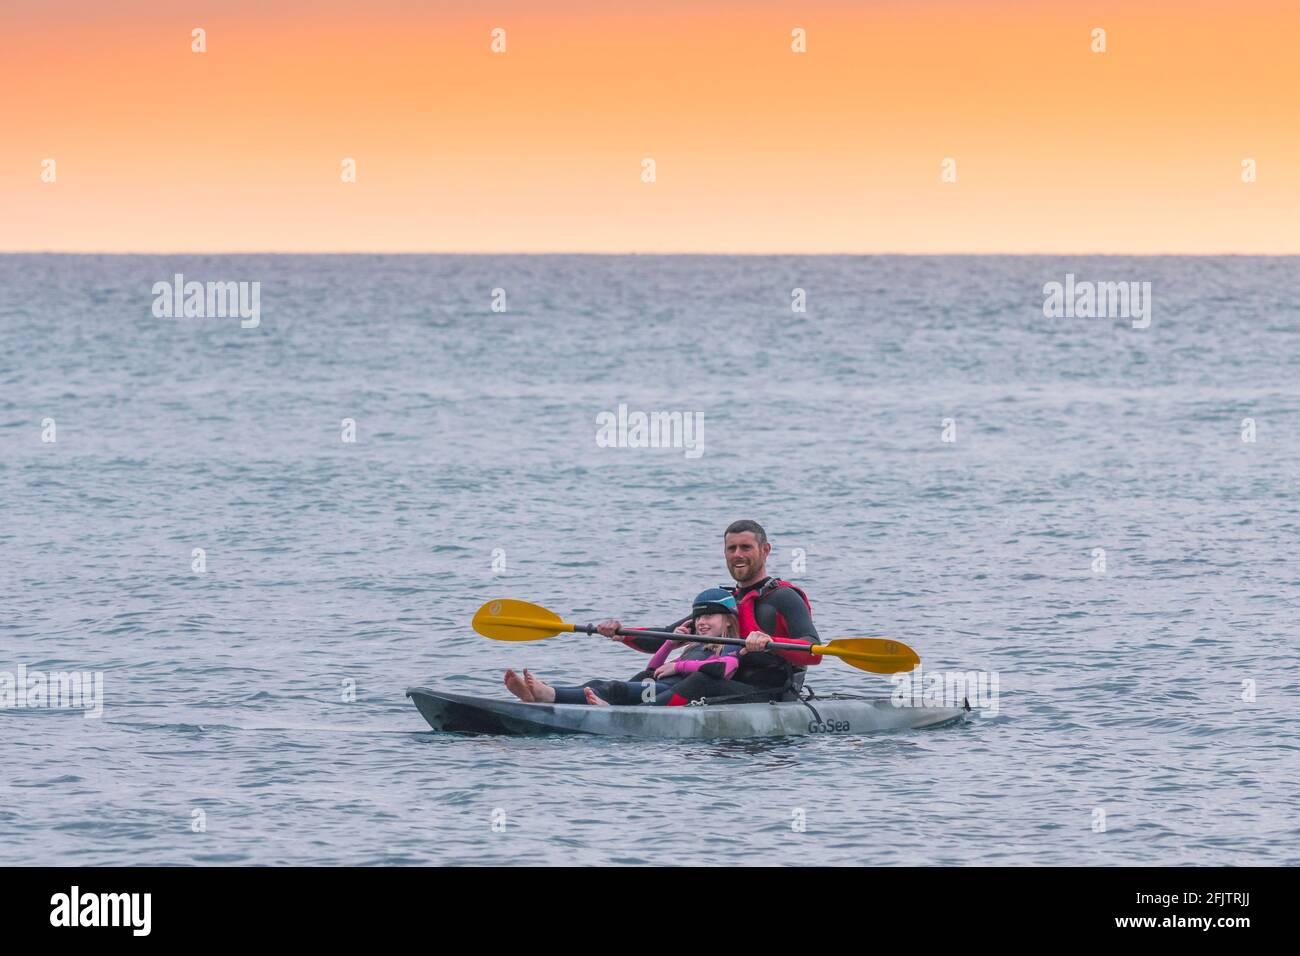 Un holidaymaker et sa jeune fille sur un kayak de GoSea sit-on-Top dans la mer à la lumière du soir à Little Fistral à Newquay en Cornouailles. Banque D'Images